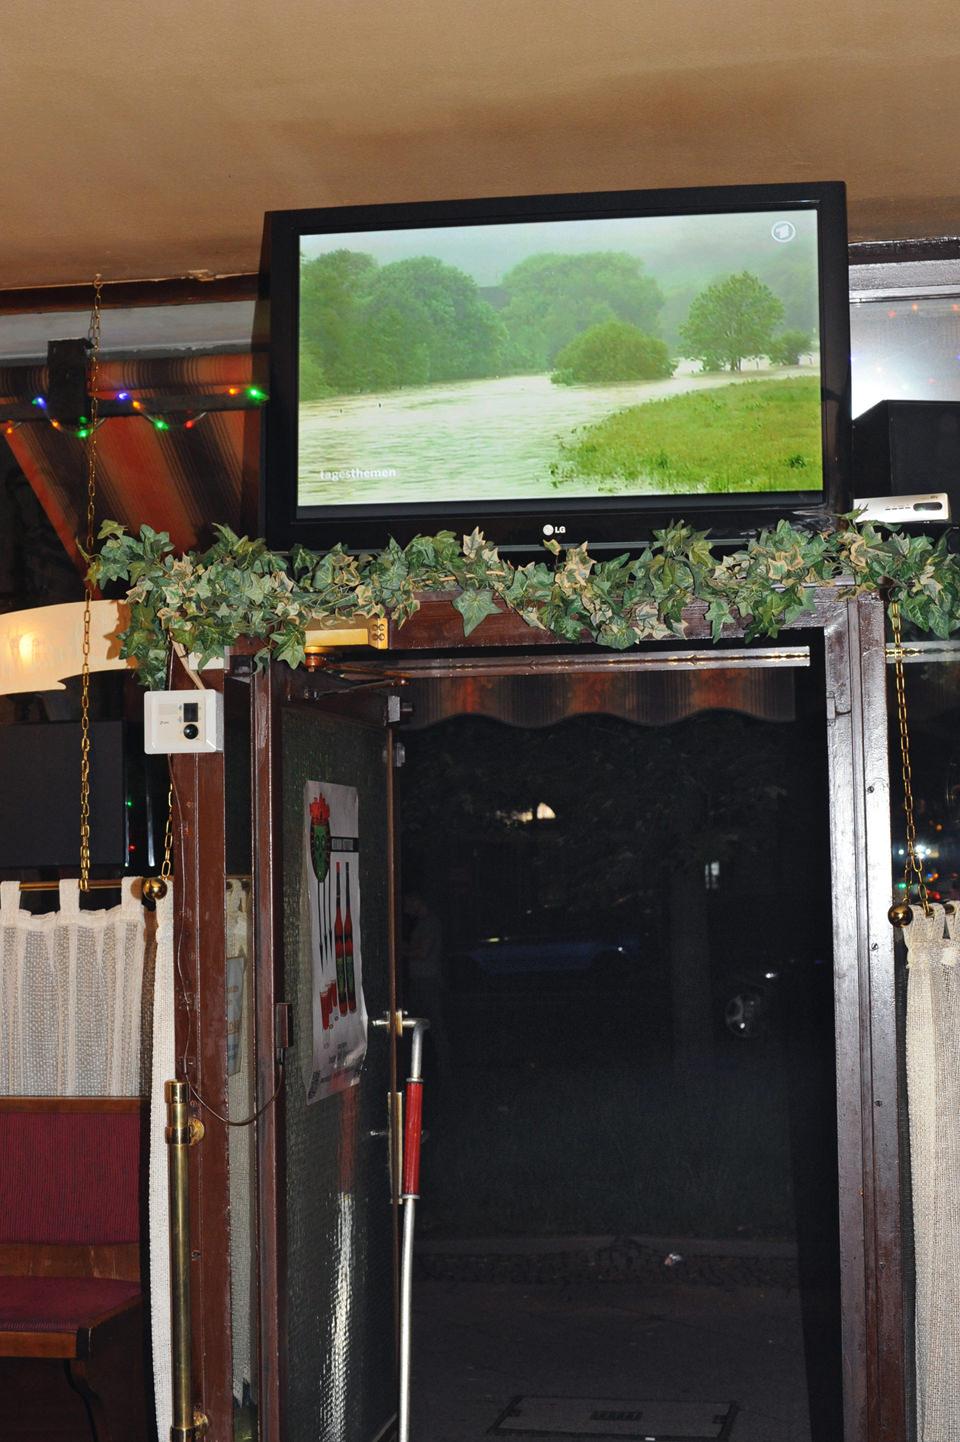 Ein Fernseher zeigt eine Landschaft in einer Bar.